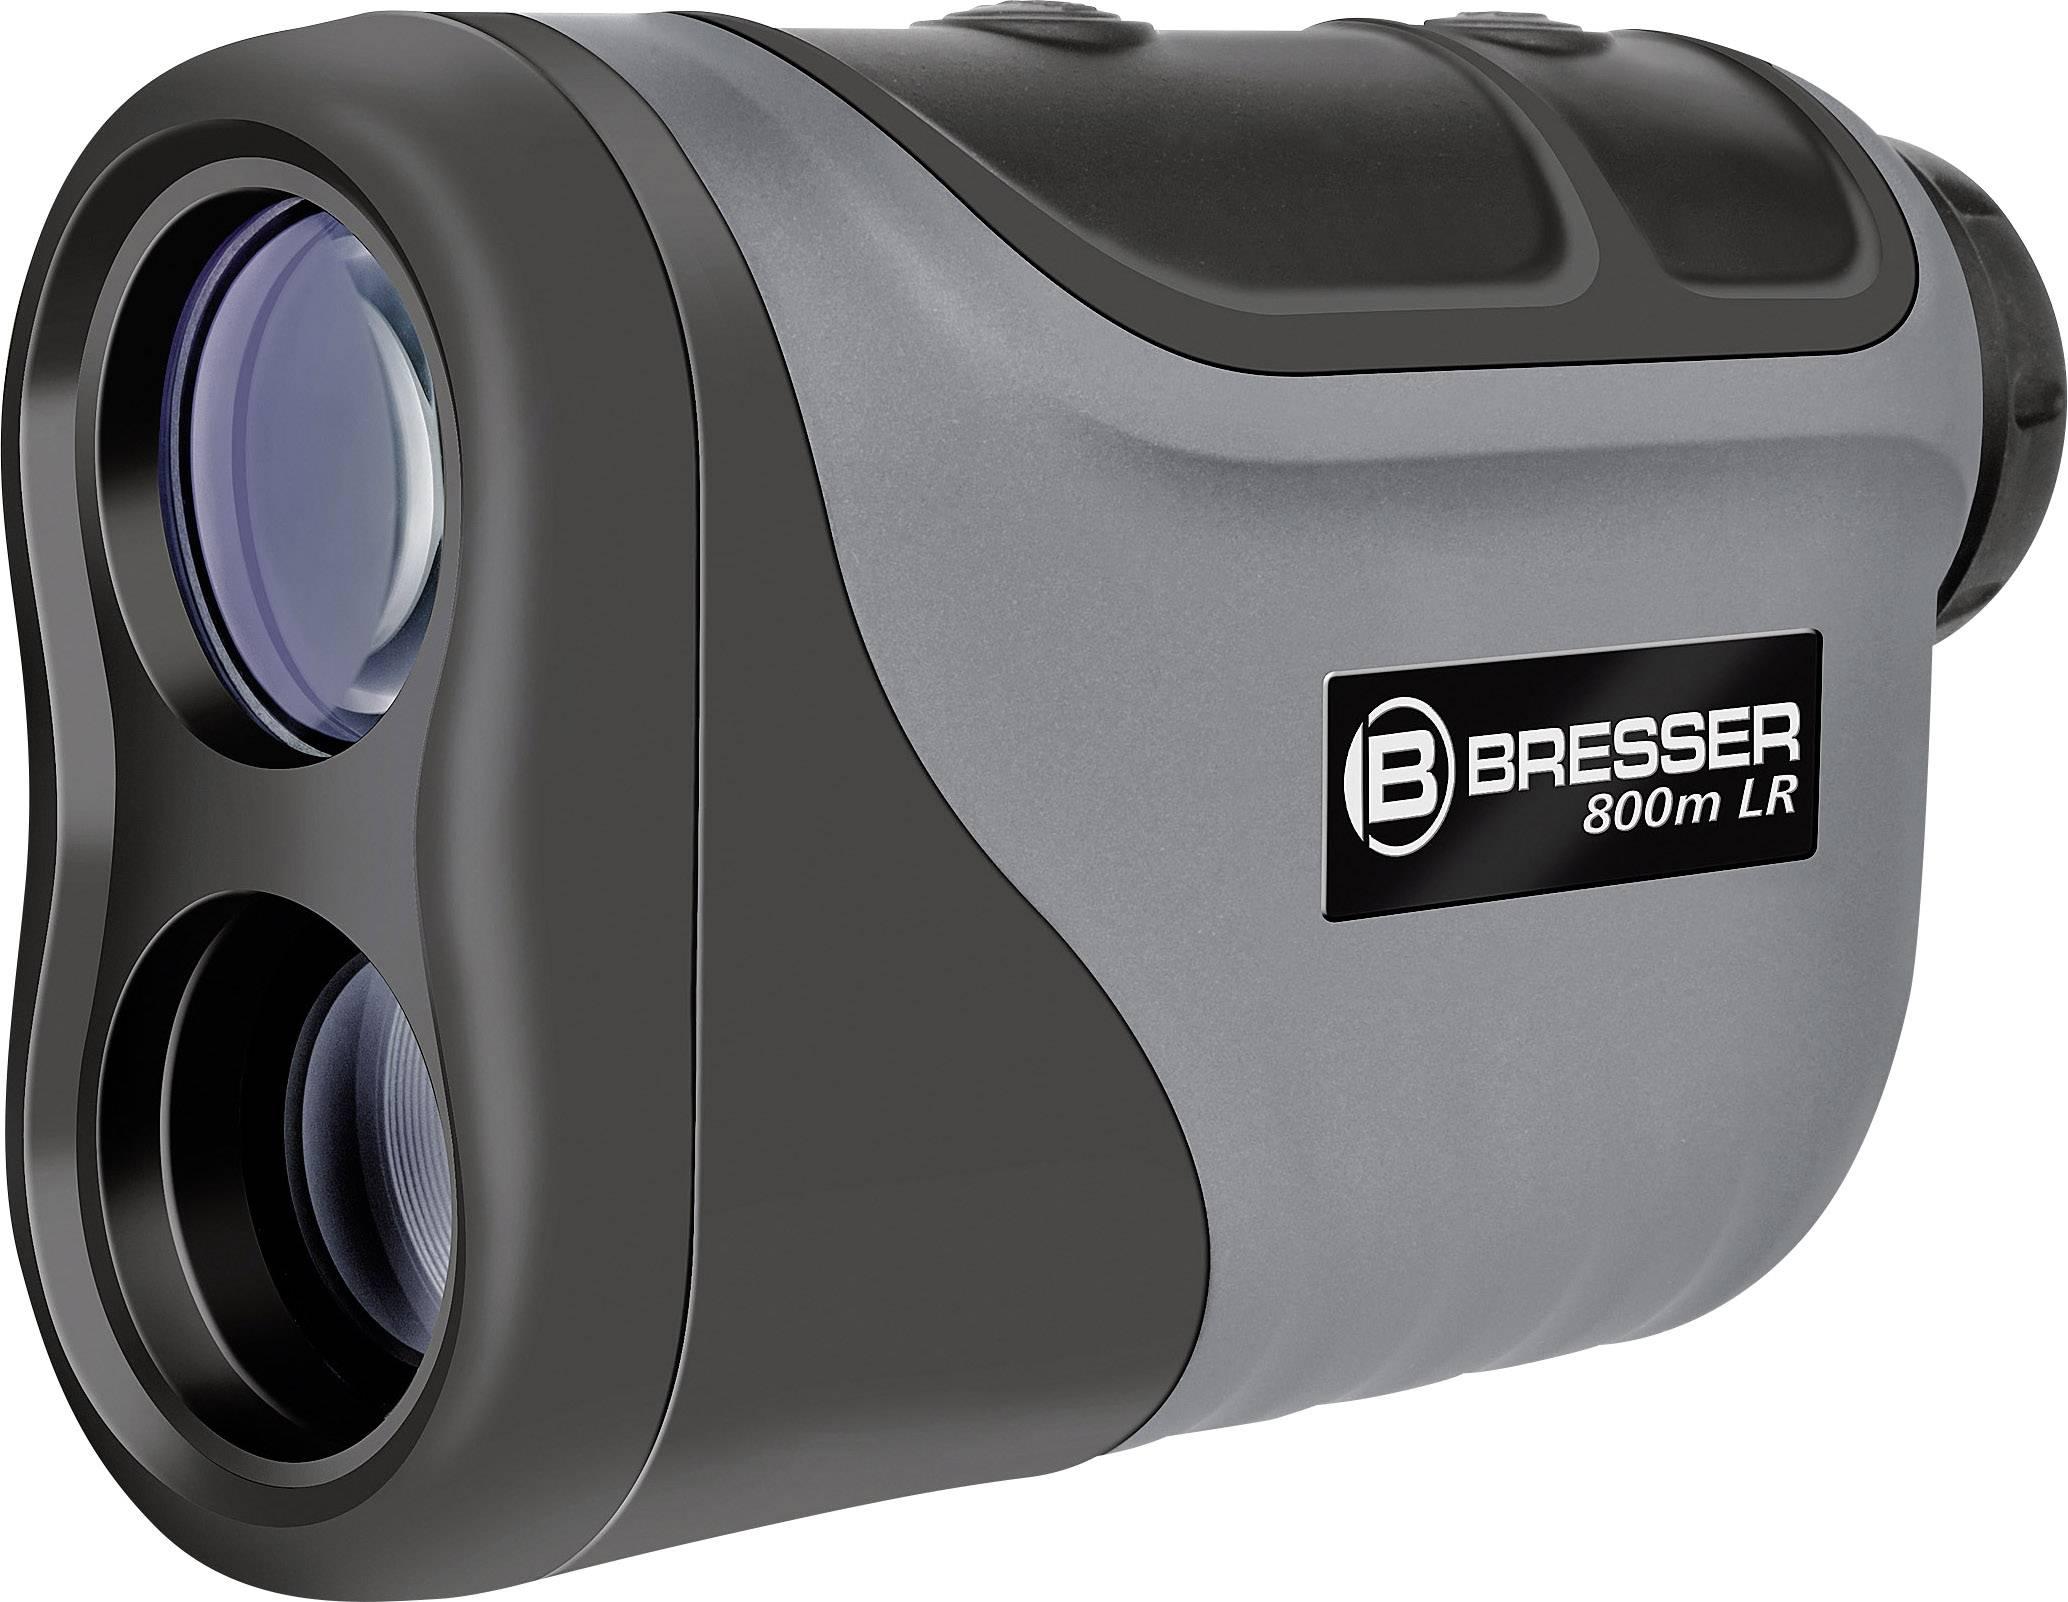 Entfernungsmesser Jagd Bushnell : Entfernungsmesser bresser optik distanz geschwindigkeitsmesser